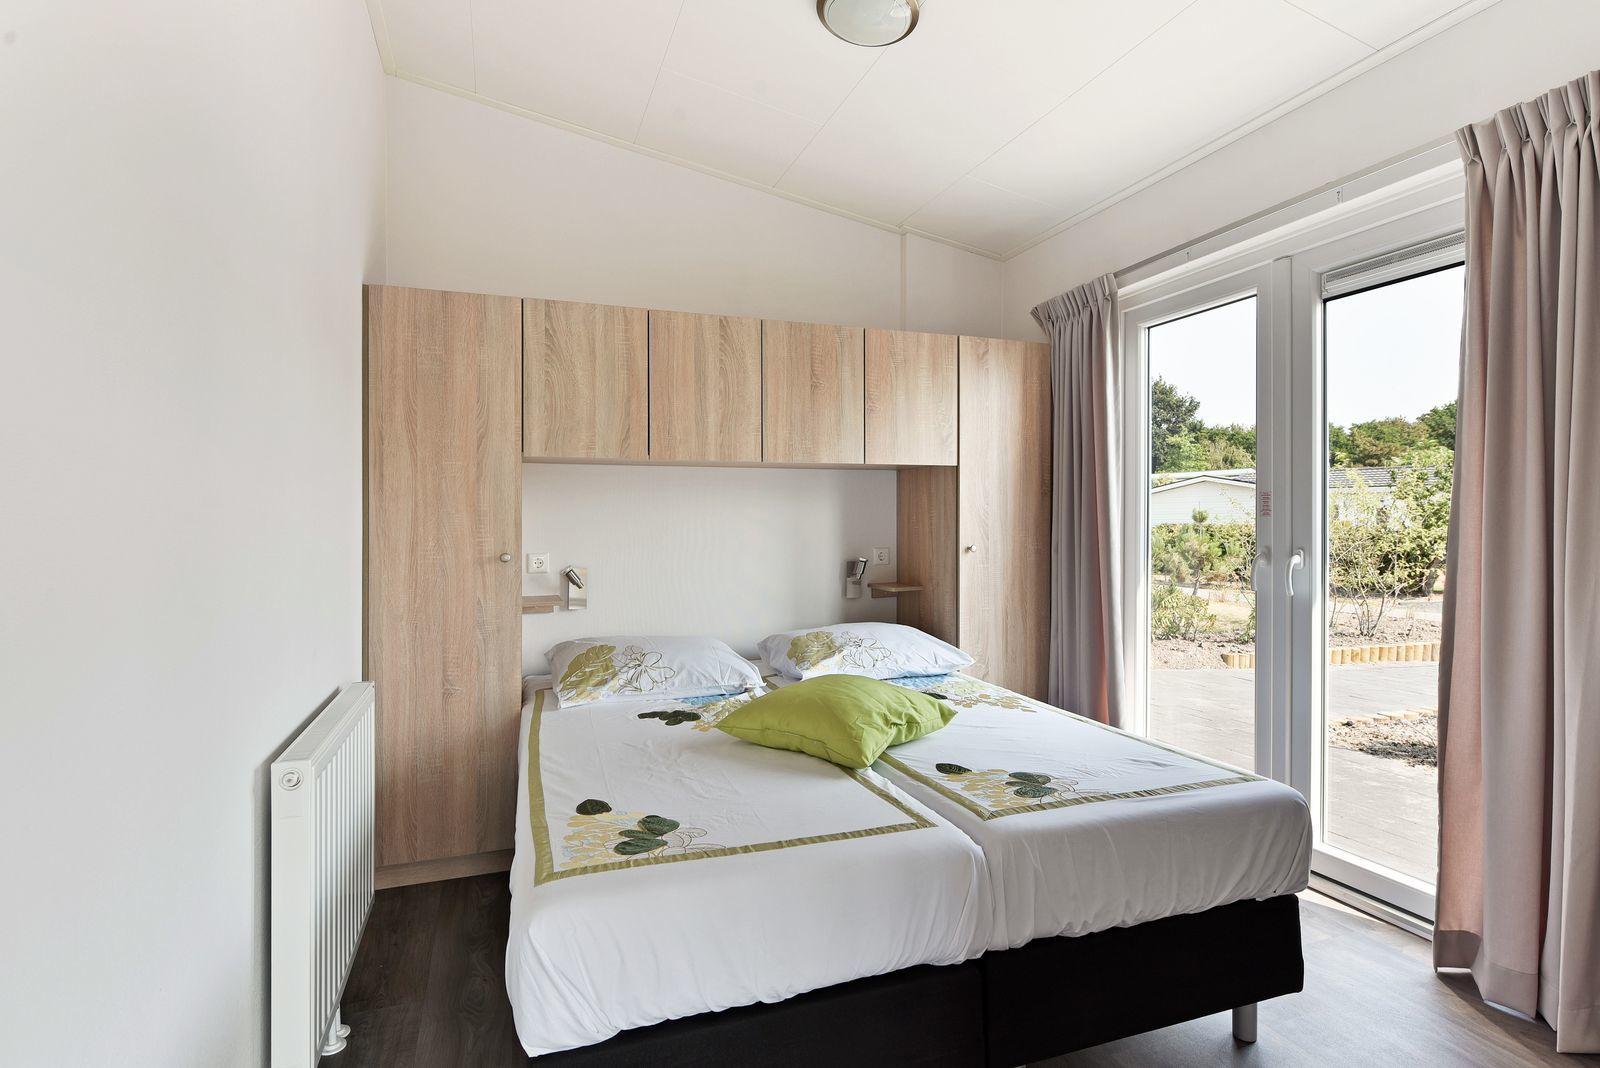 MiVa: 4/6-persoonsaccommodatie, 2 slaapkamers